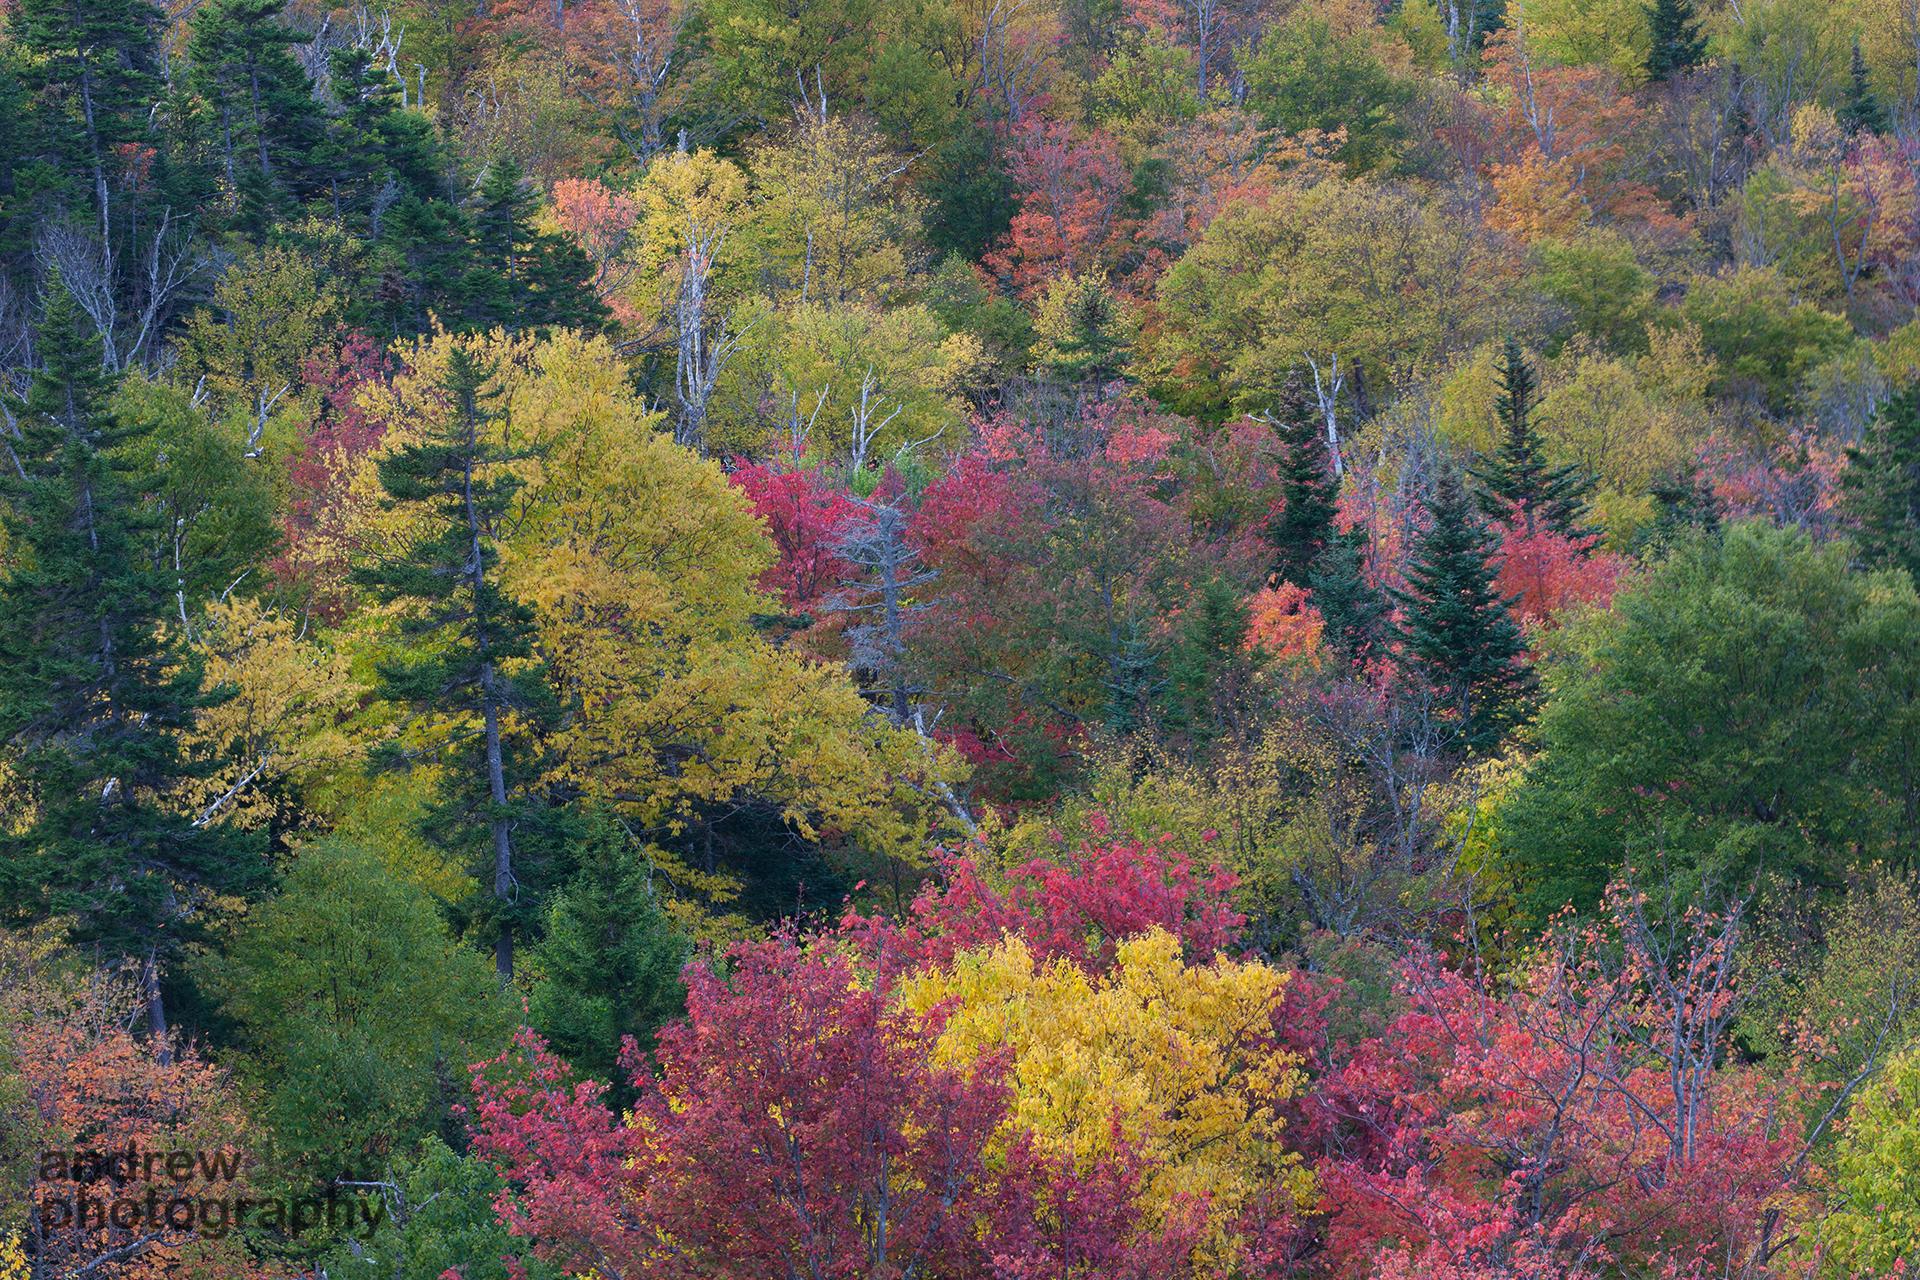 Pinkham Notch, White Mountains, New Hampshire, U.S.A.